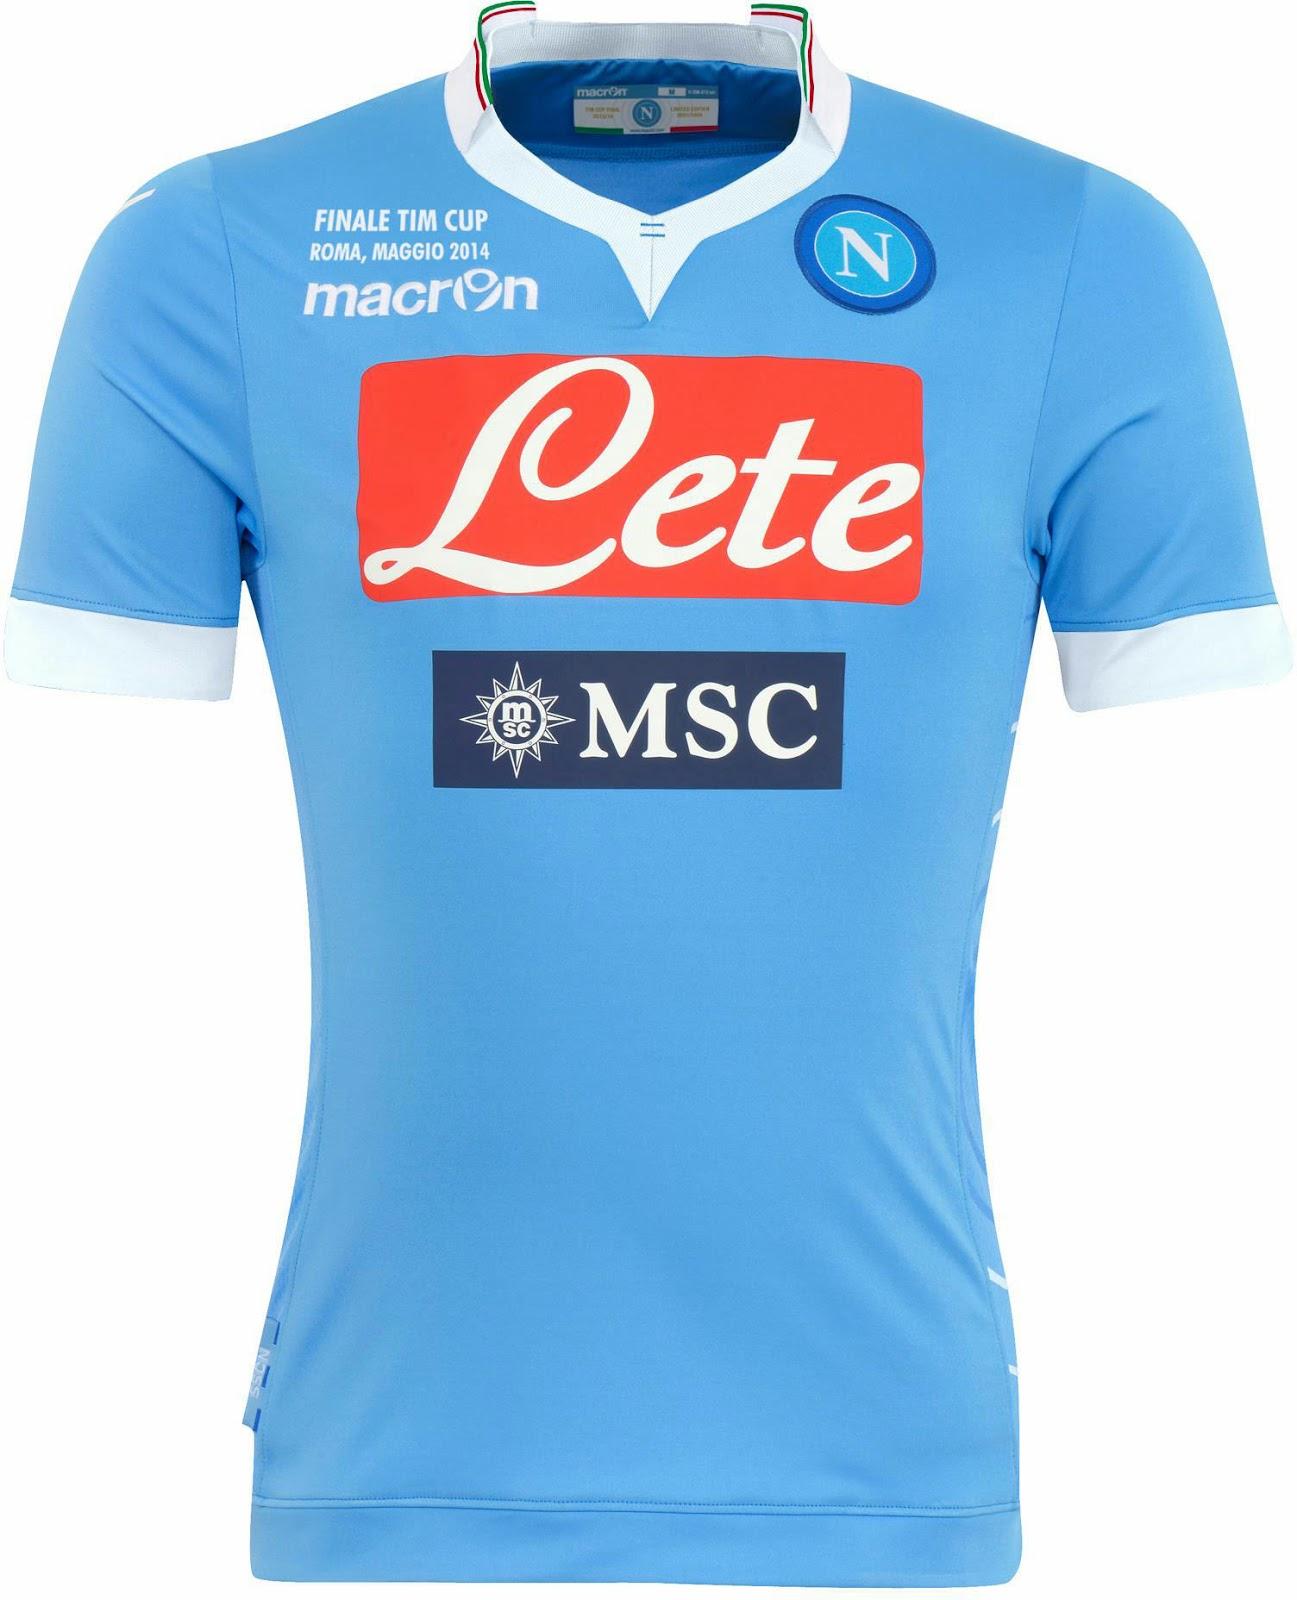 SSC Napoli 2014 Coppa Italia Home Kit (1)